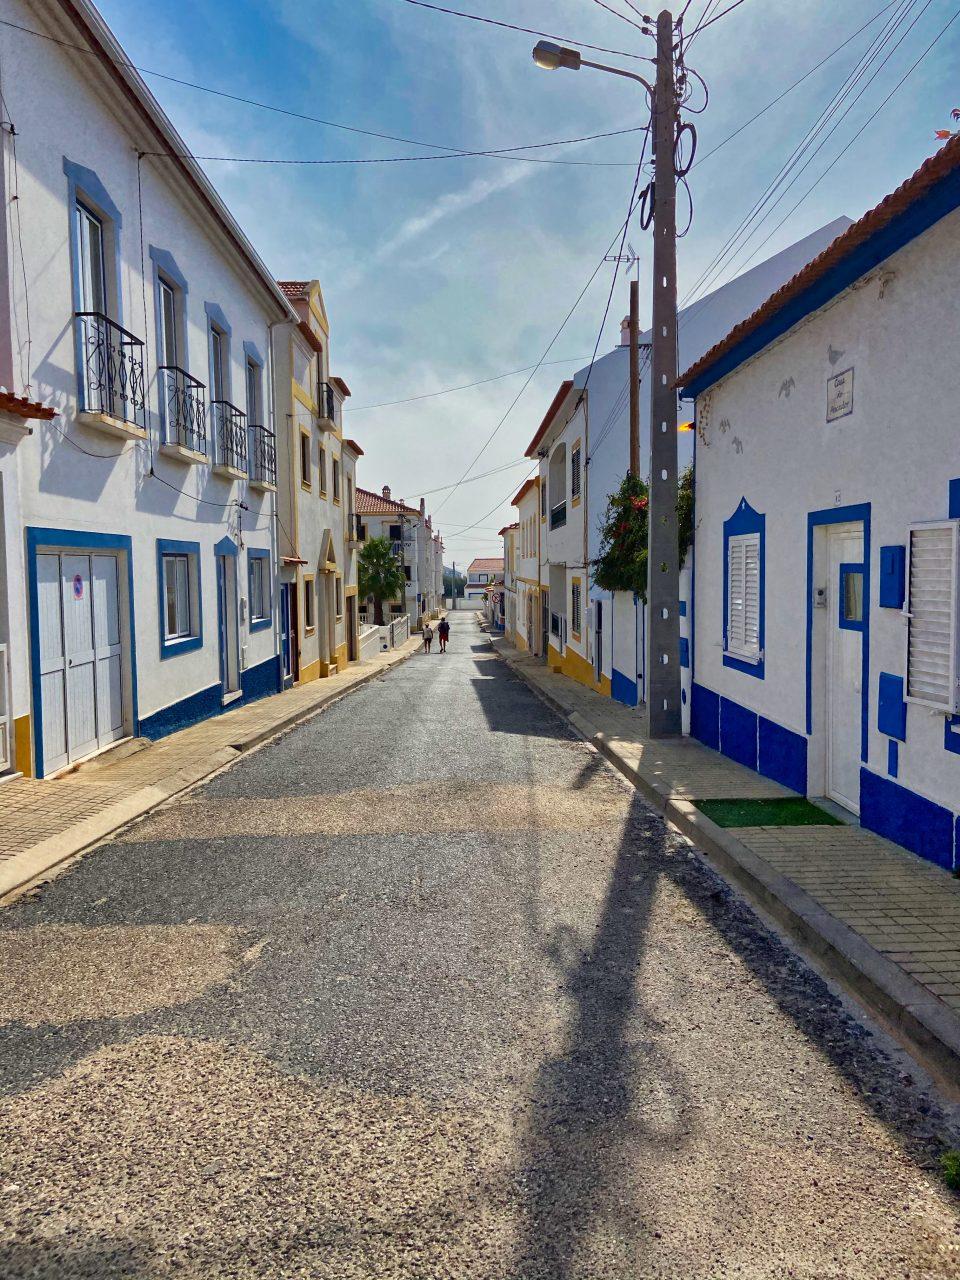 A street in Vila Nova de Milfontes.